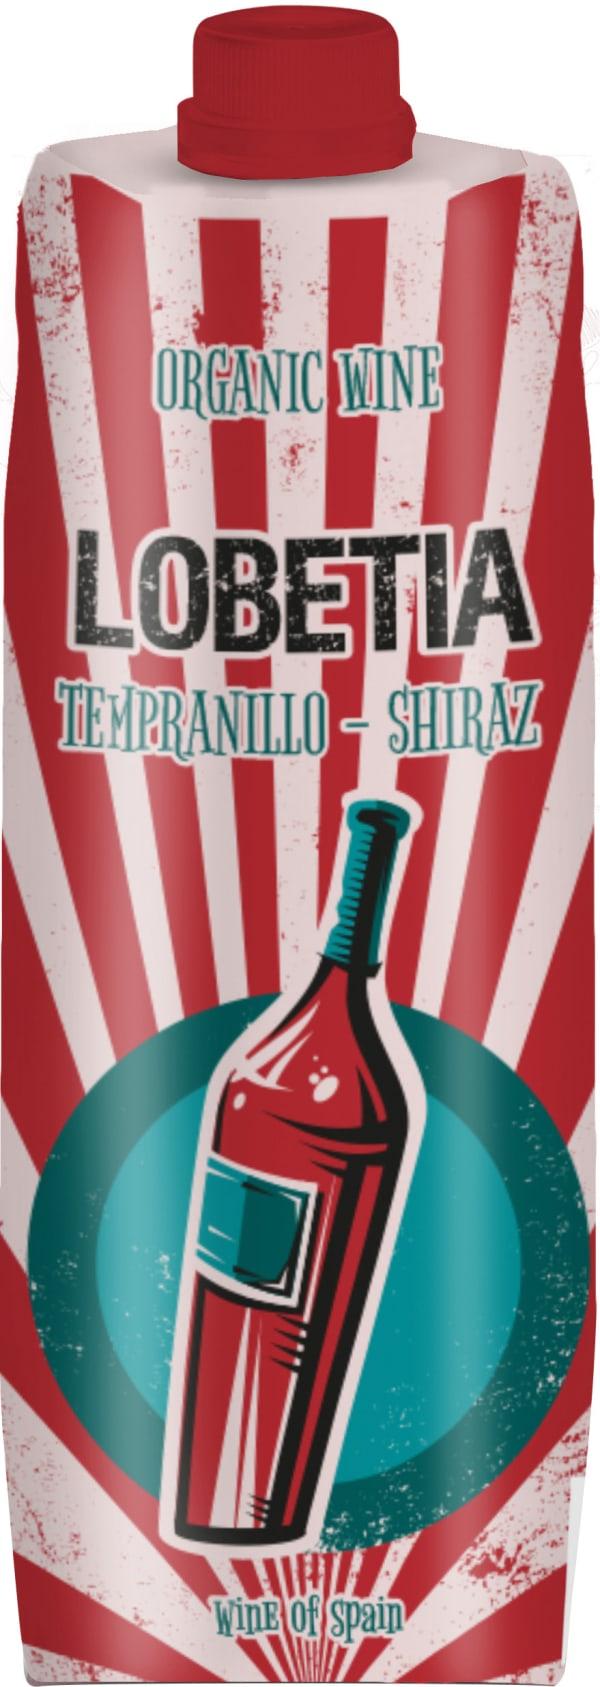 Lobetia Tempranillo Shiraz 2019 carton package